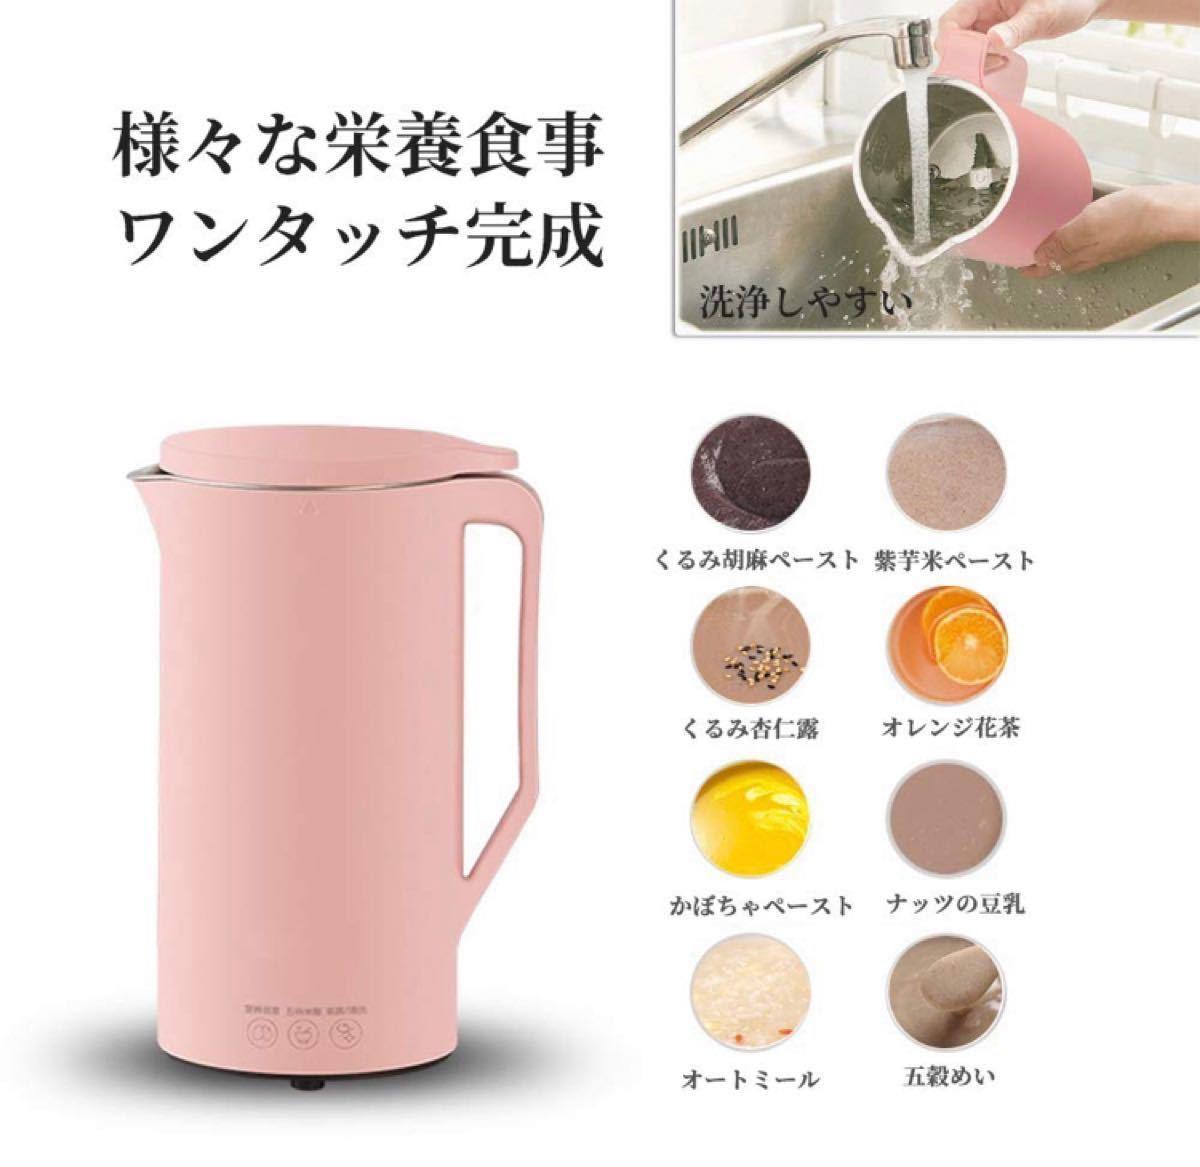 全自動 多機能豆乳メーカー 1-2人用 ジューサー ミキサー ブレンダー 果物 野菜 (アマゾンより1100安い)(ホワイト)